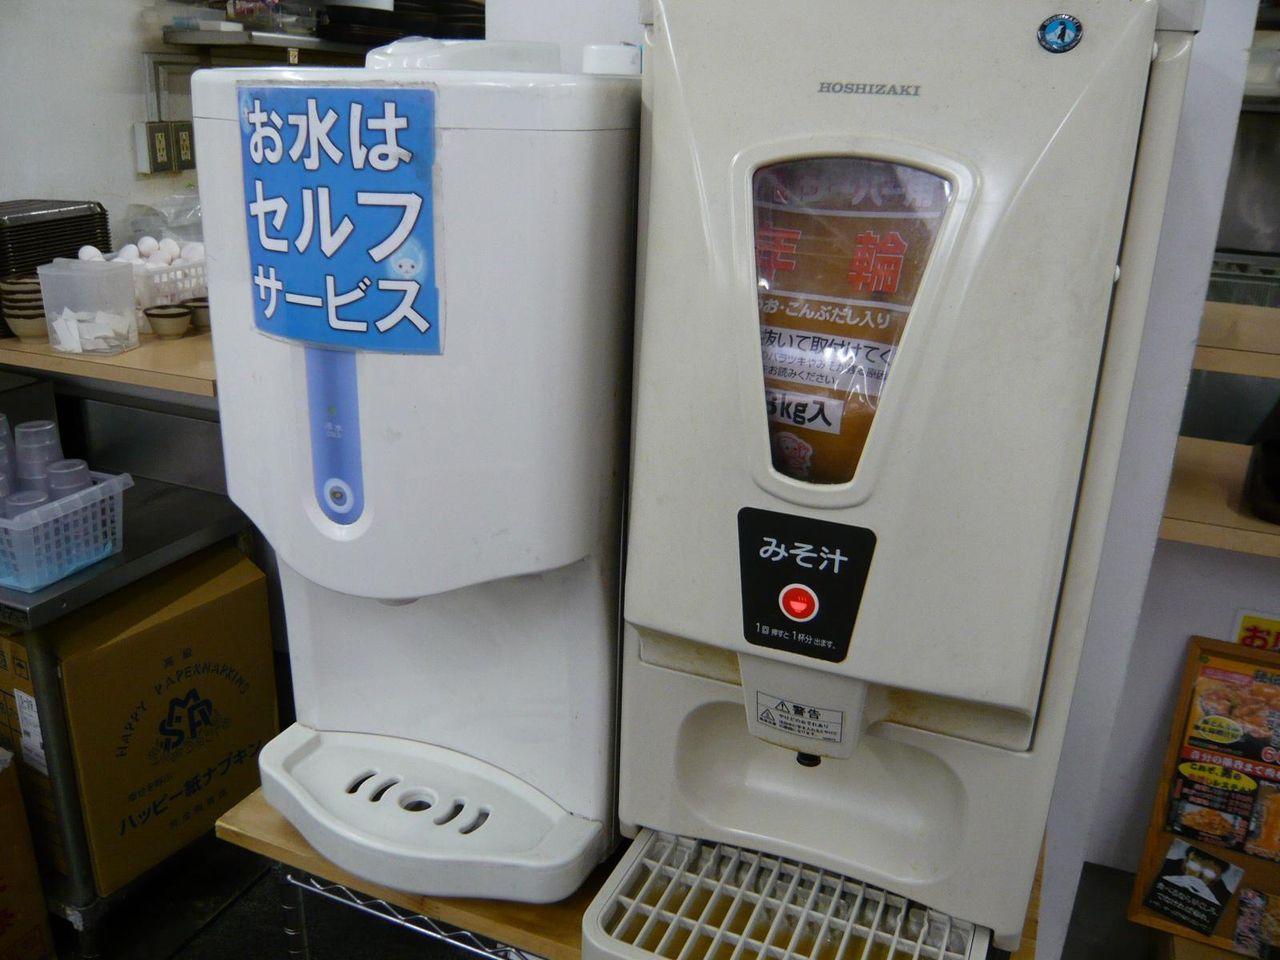 ボタンを押すと味噌汁1杯分が注がれます!